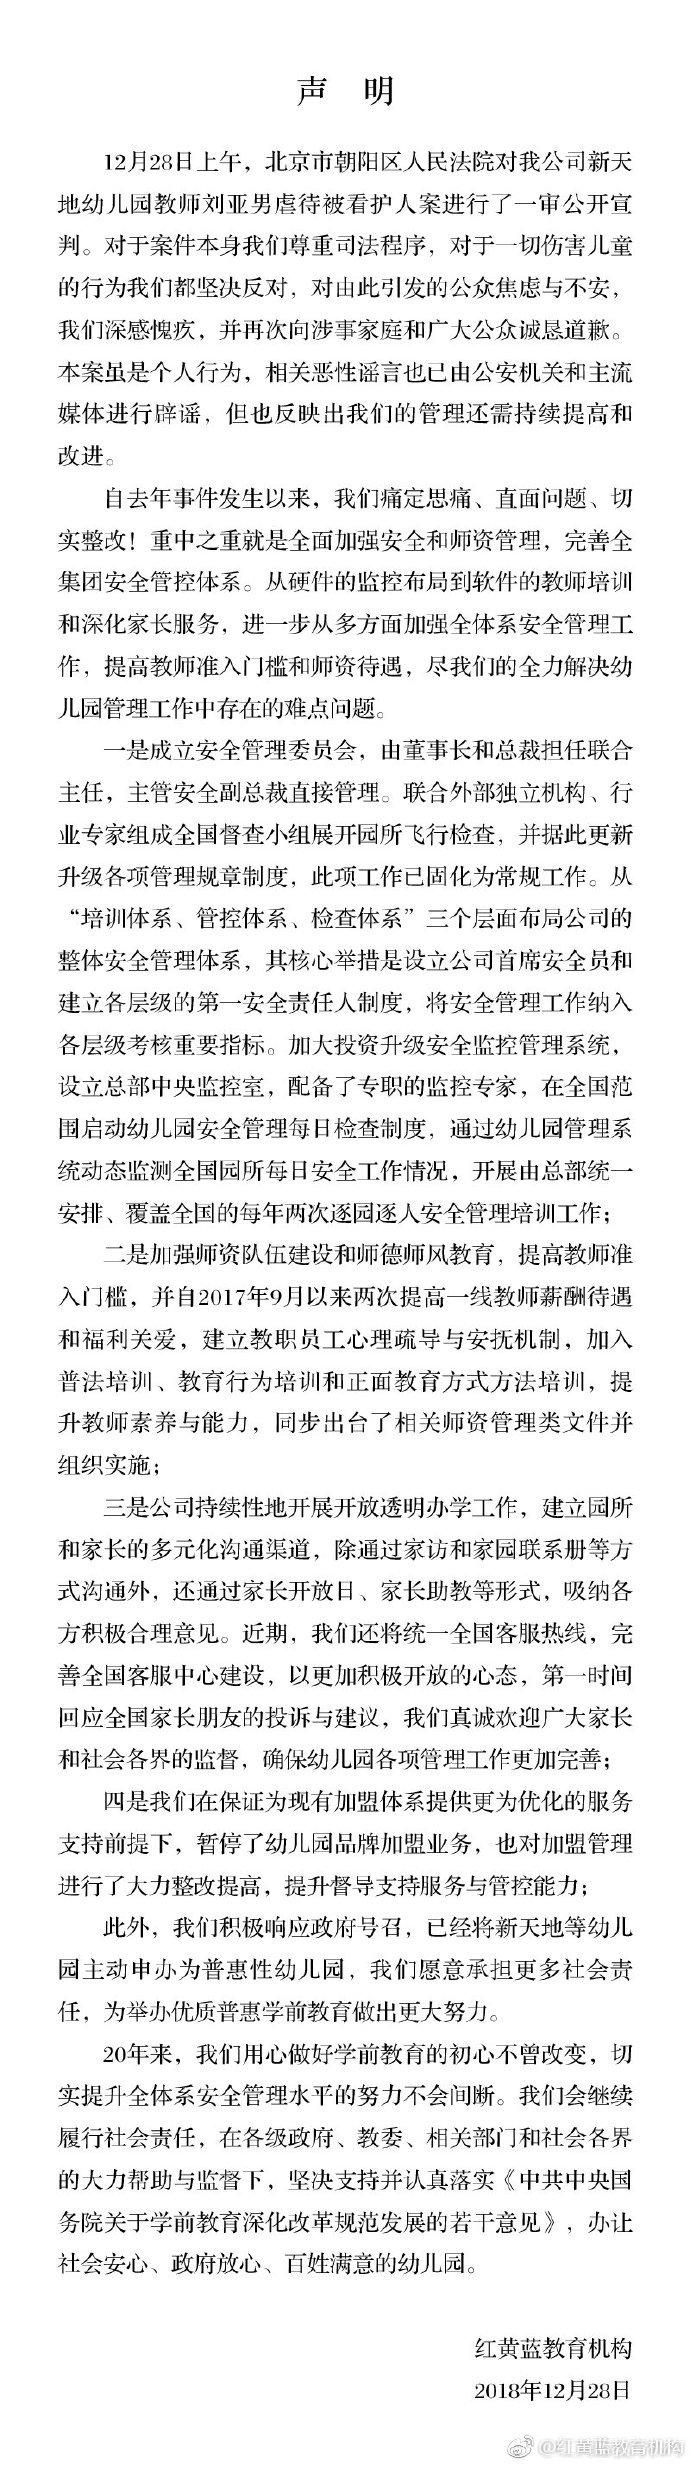 红黄蓝教育机构发声明再次致歉 称已申办普惠性幼儿园